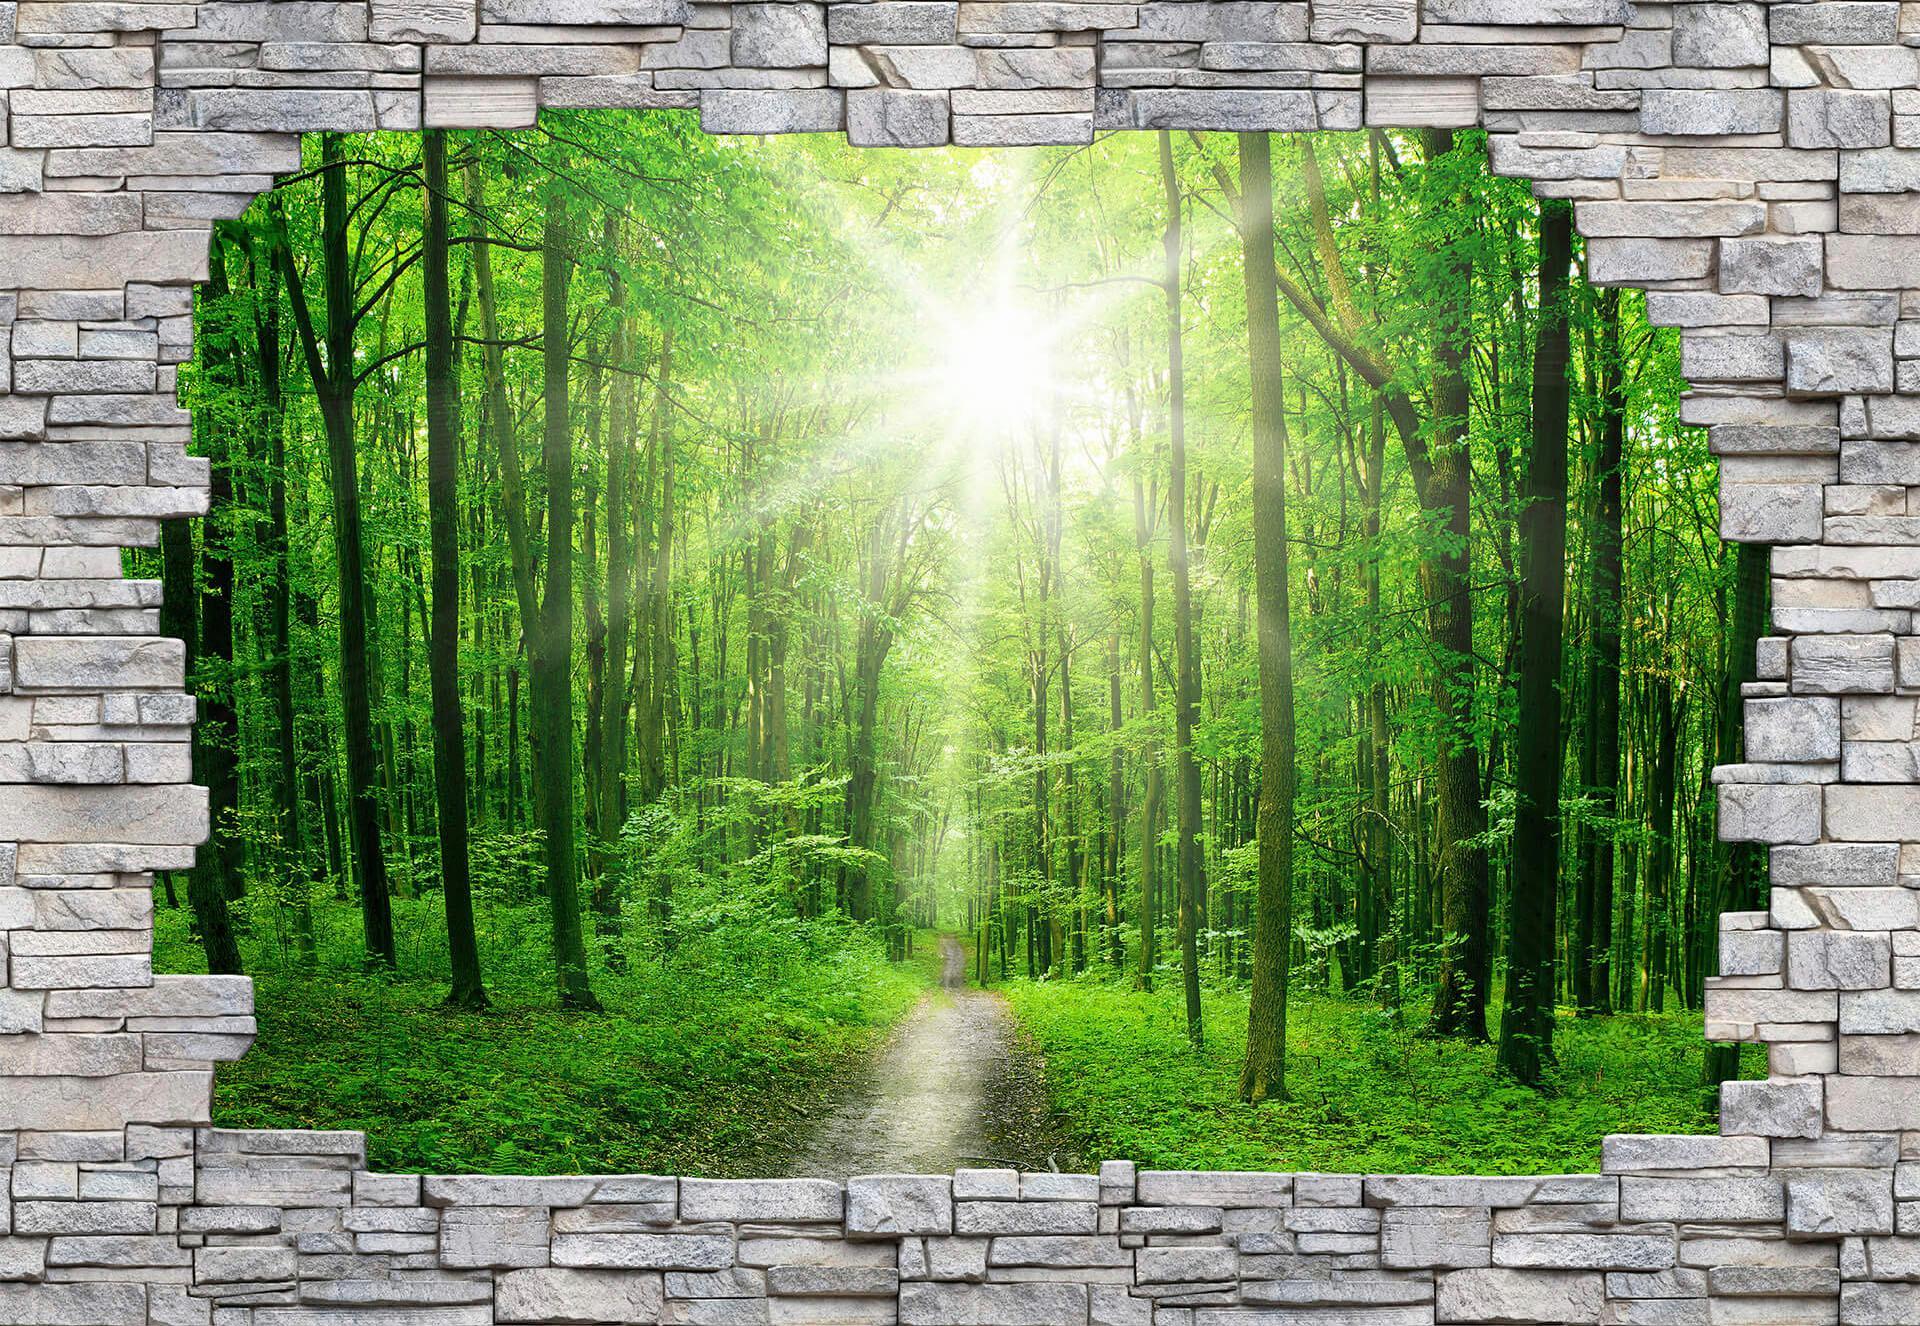 Fototapete Sunny Forest Mauer 384/260 cm Wohnen/Wohntextilien/Tapeten/Fototapeten/Fototapeten Stadt